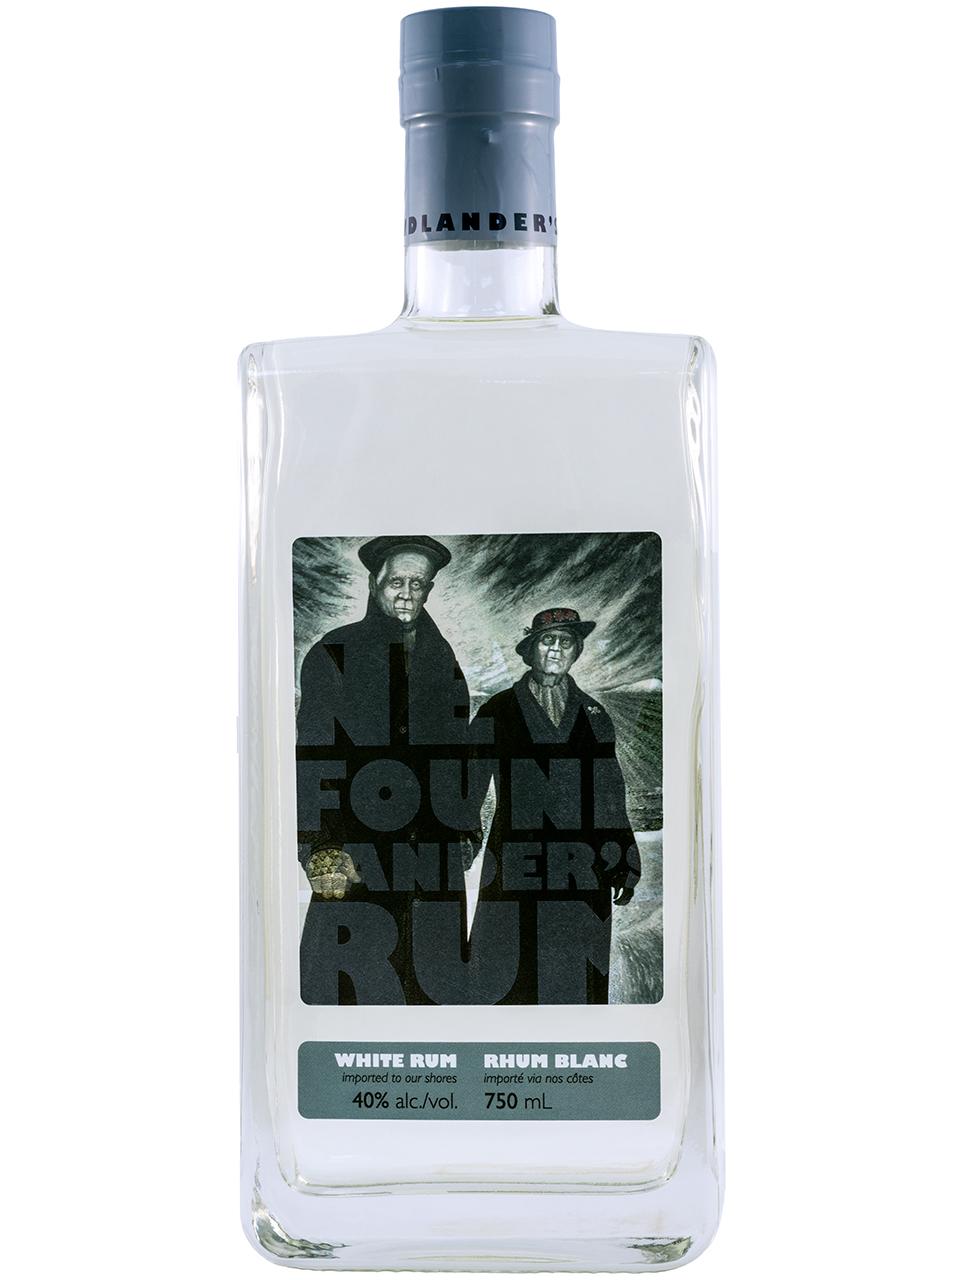 Newfoundlander's White Rum